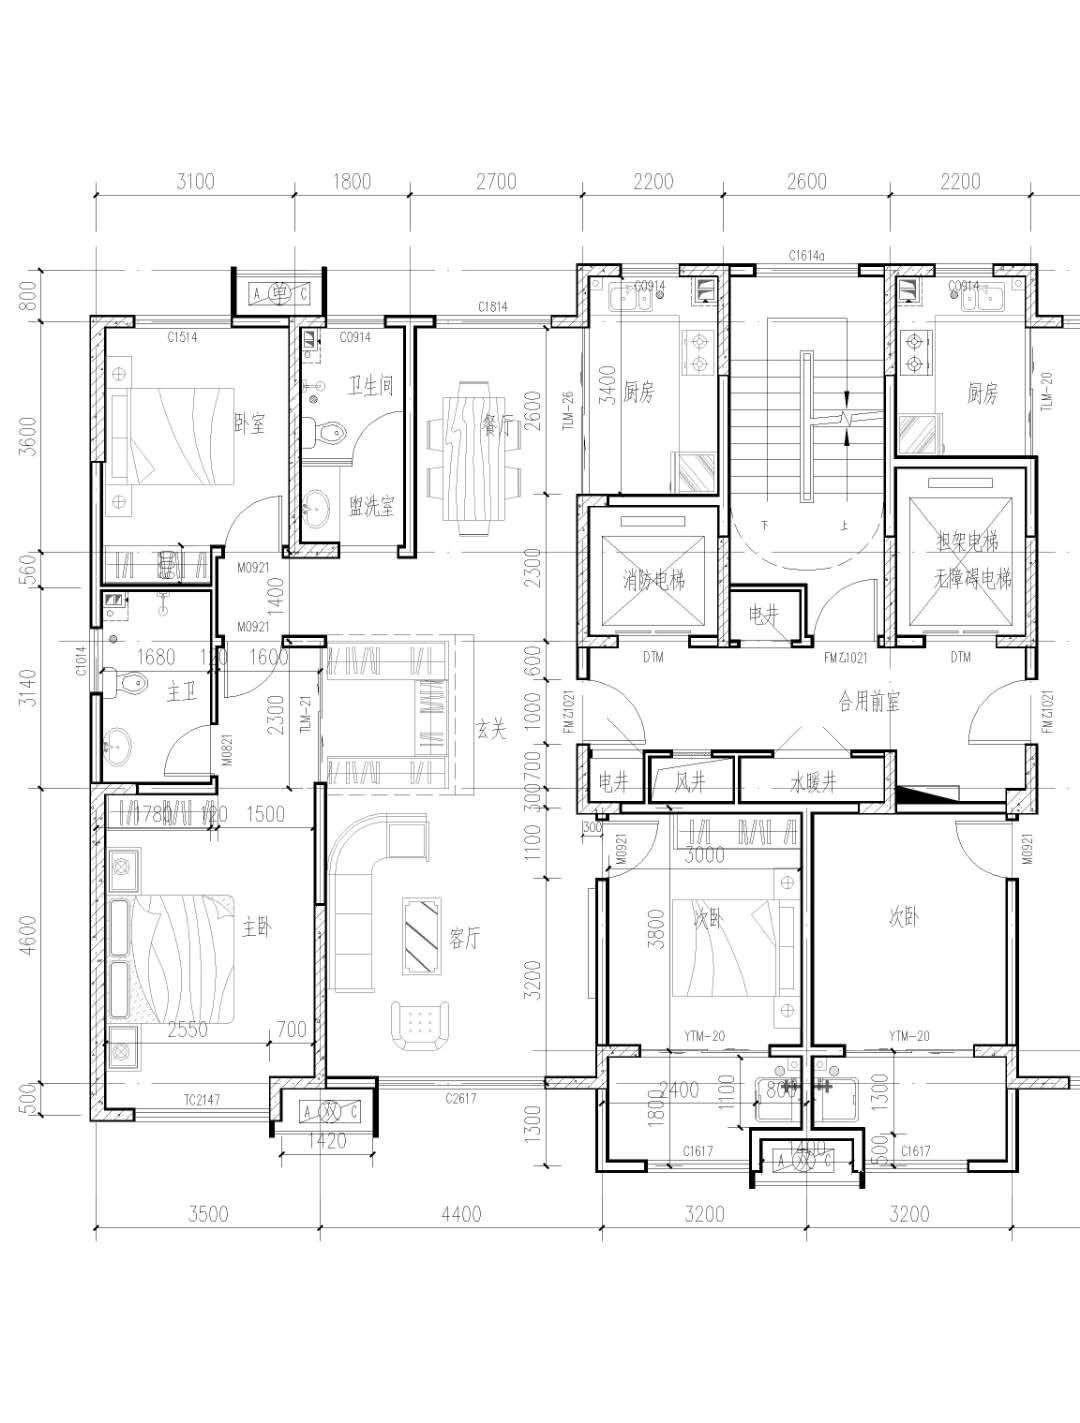 衣帽间在这个空间适合做吗,阳台卧室做成儿童房该如何设计?